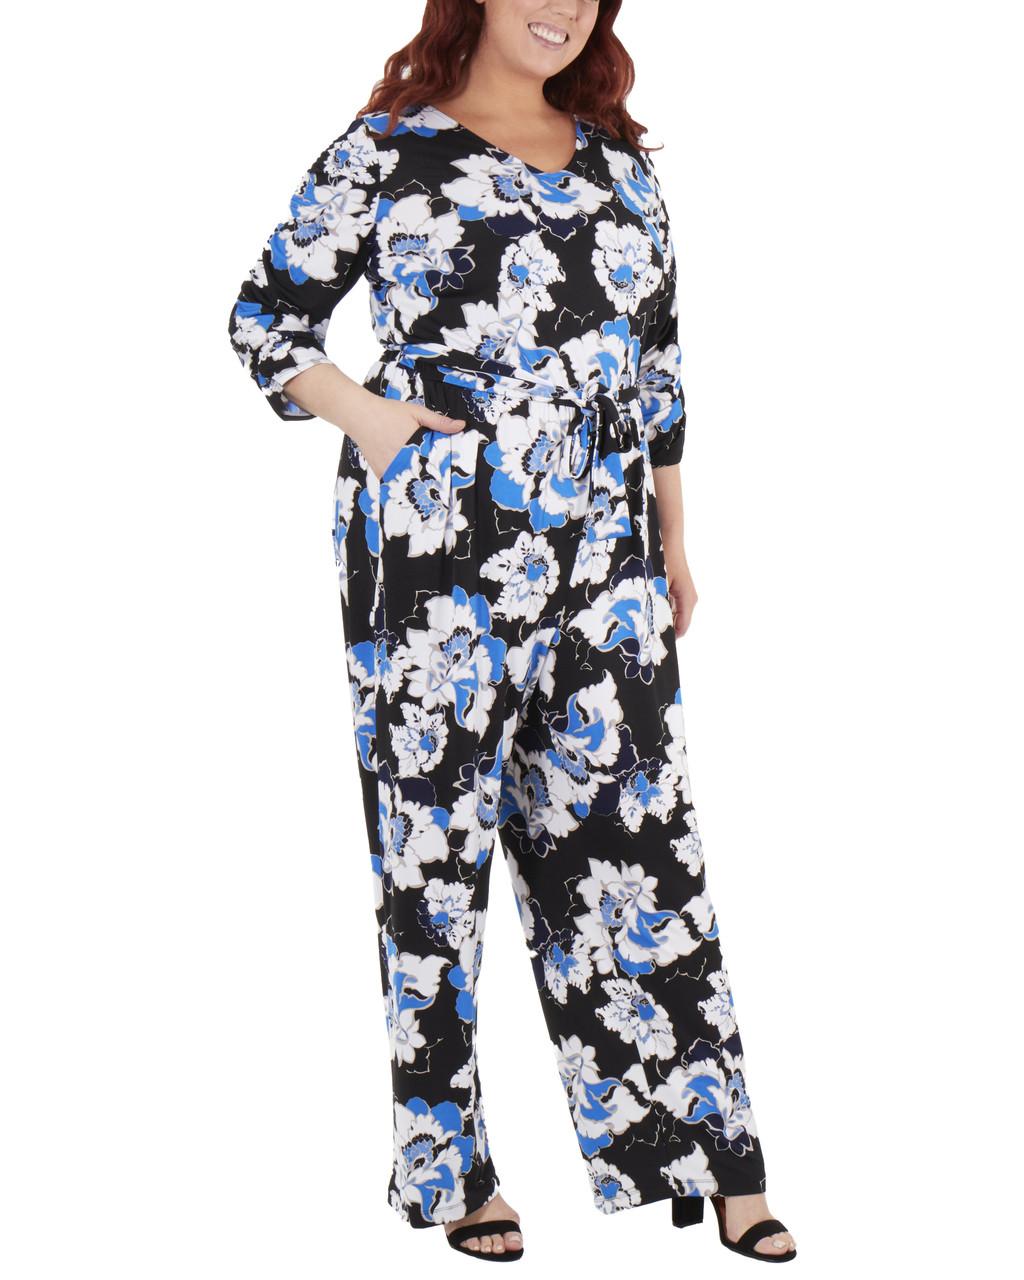 36e728053c Plus Size Floral Sash Belt Jumpsuit~Black Scabiosa WITU6920 - Bon-Ton